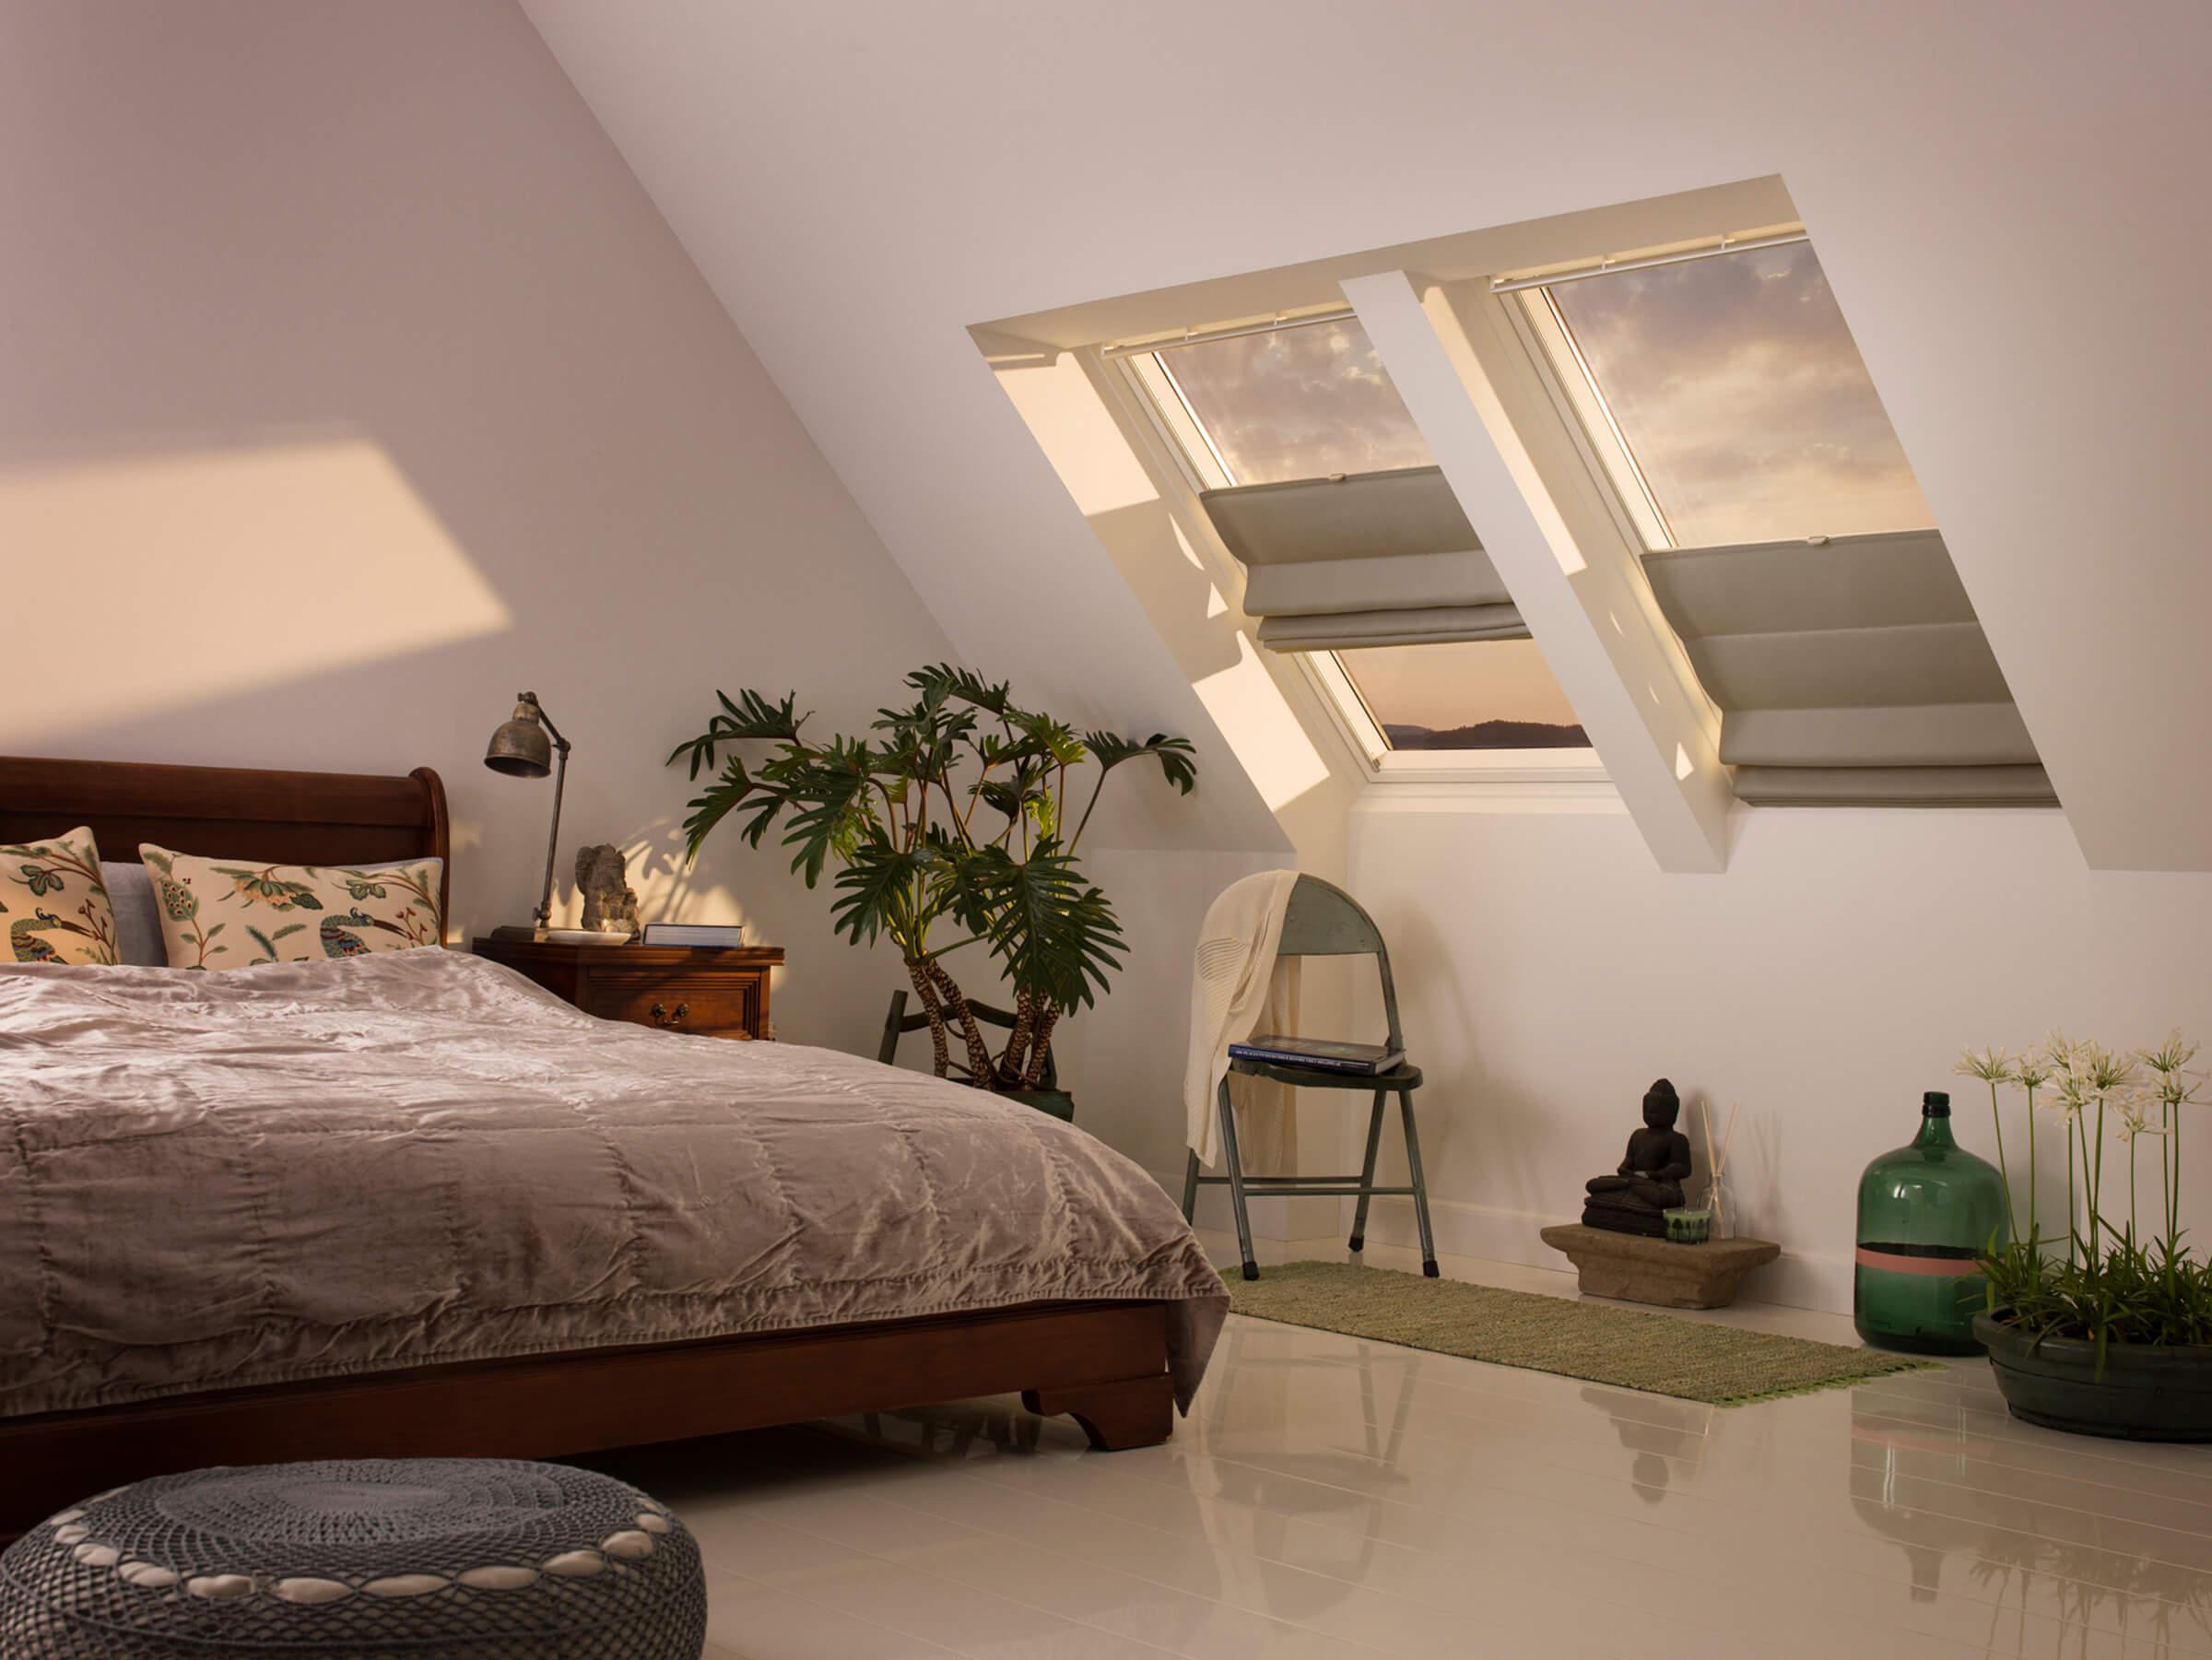 velux raffrollos passgenauer licht und sichtschutz f r dachfenster. Black Bedroom Furniture Sets. Home Design Ideas